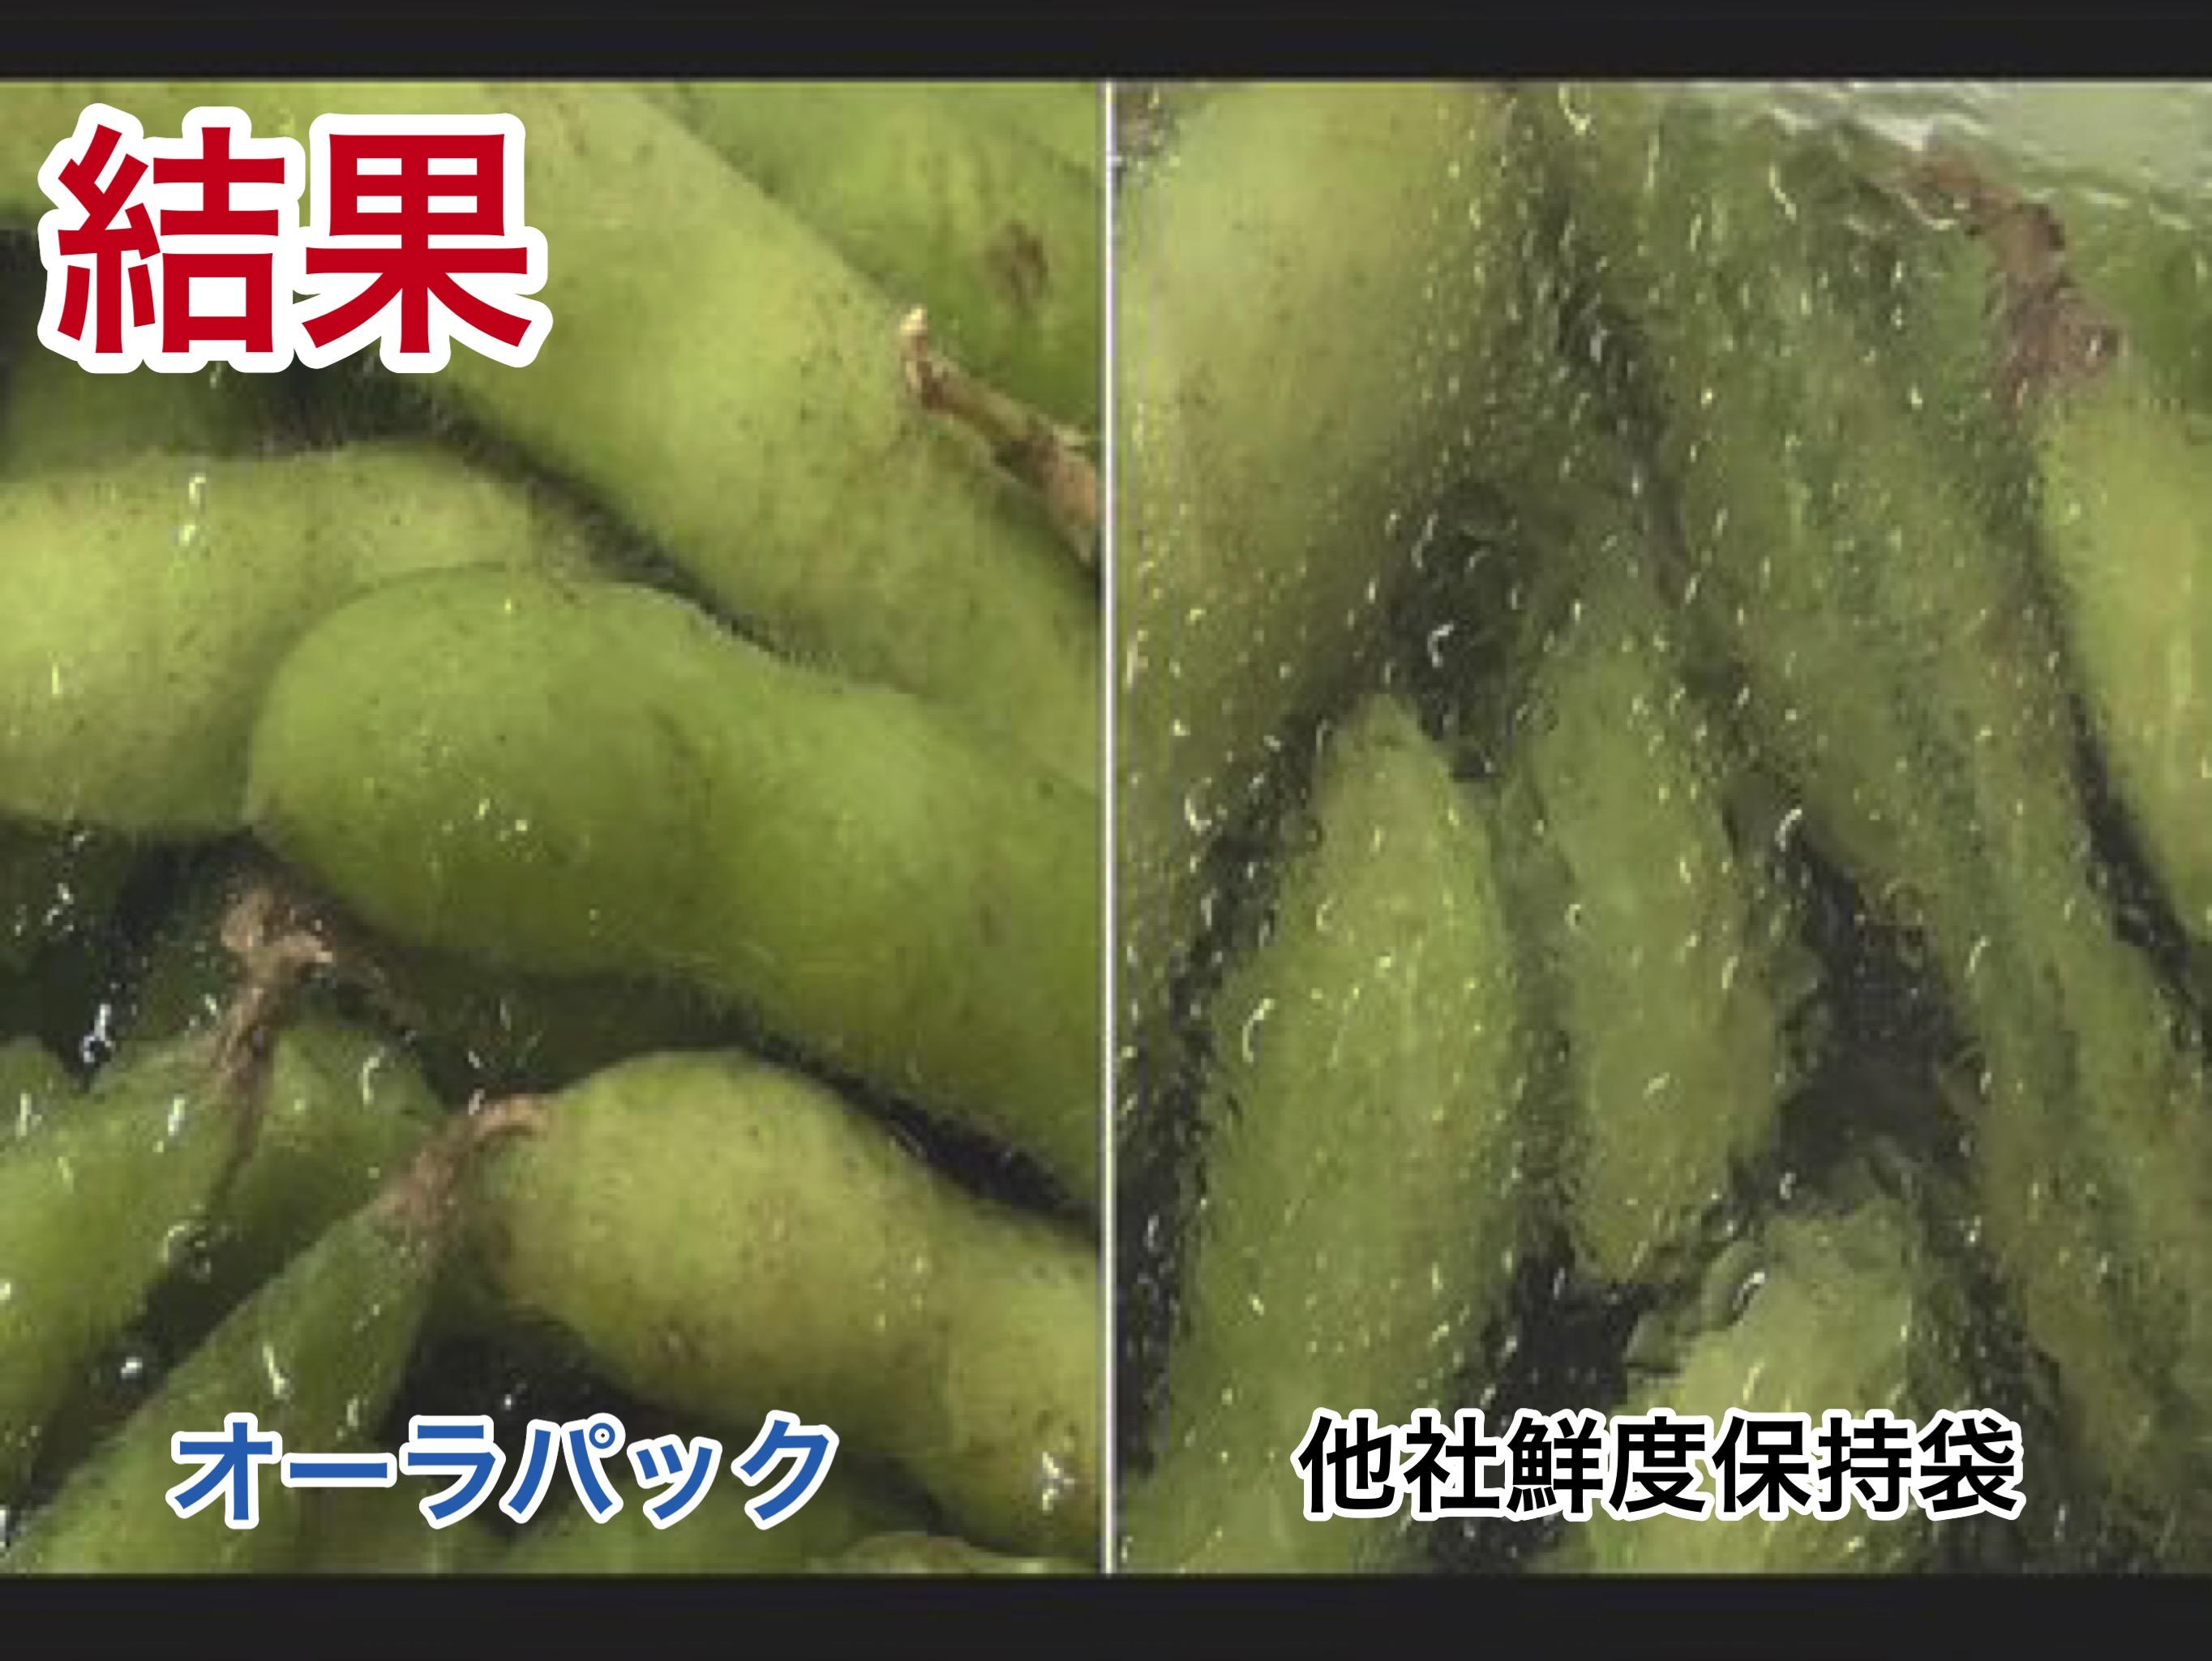 オーラパック 枝豆        鮮度比較